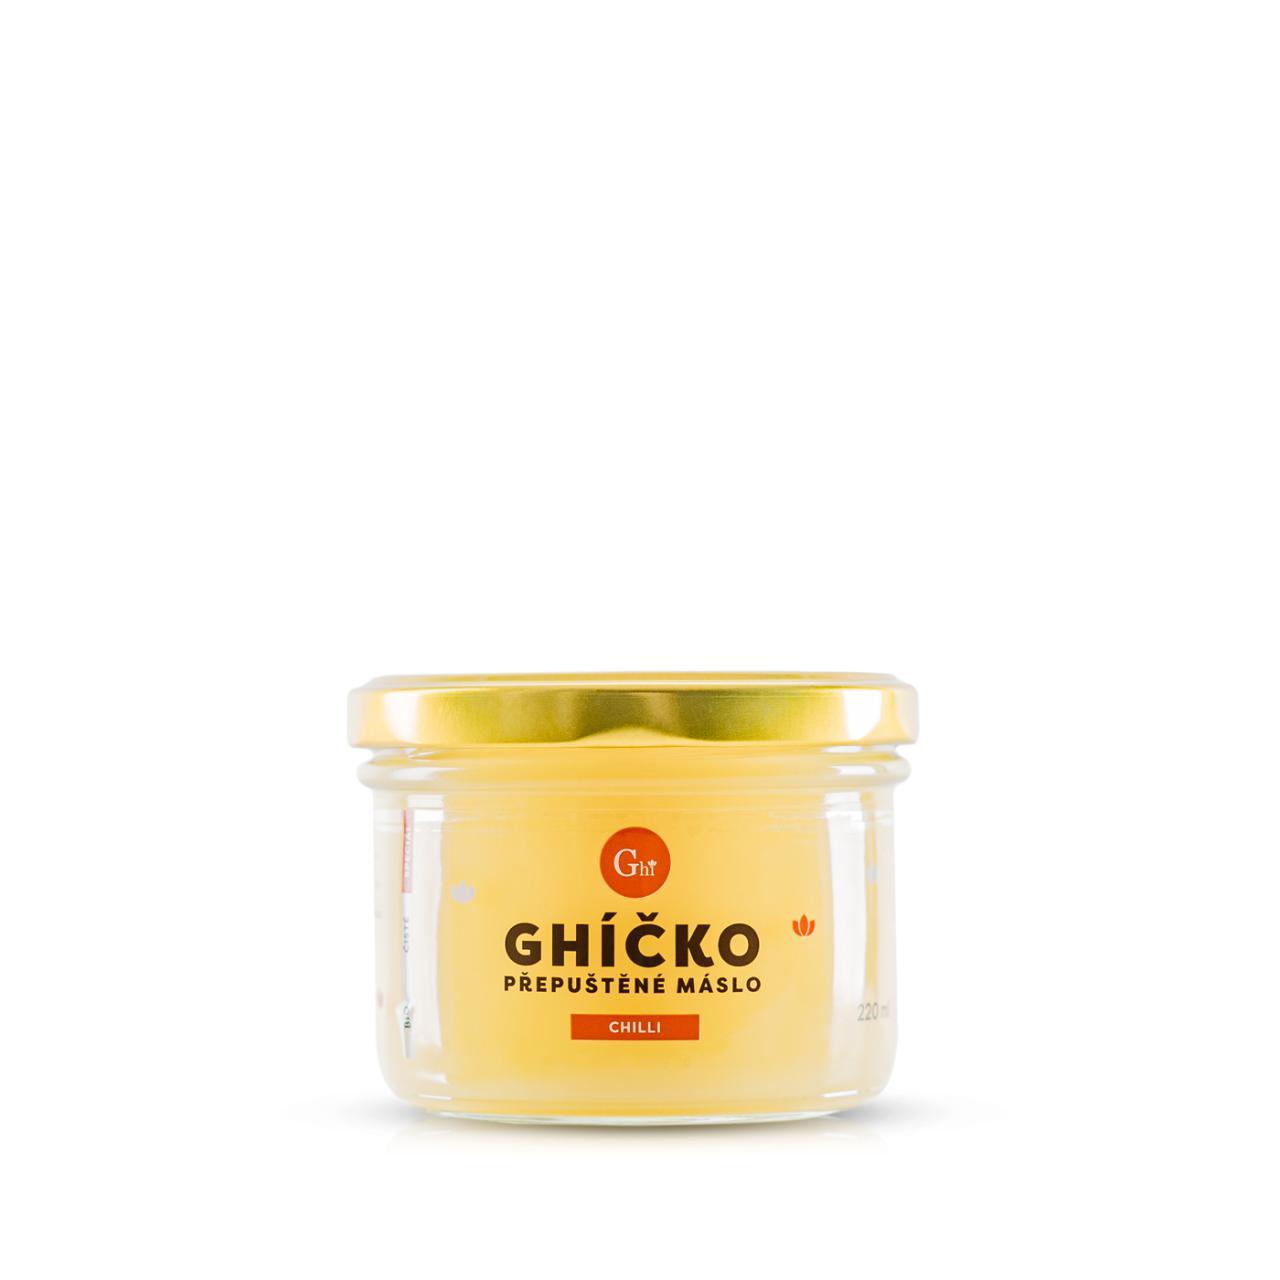 Ghí přepuštěné máslo 220ml speciál chilli